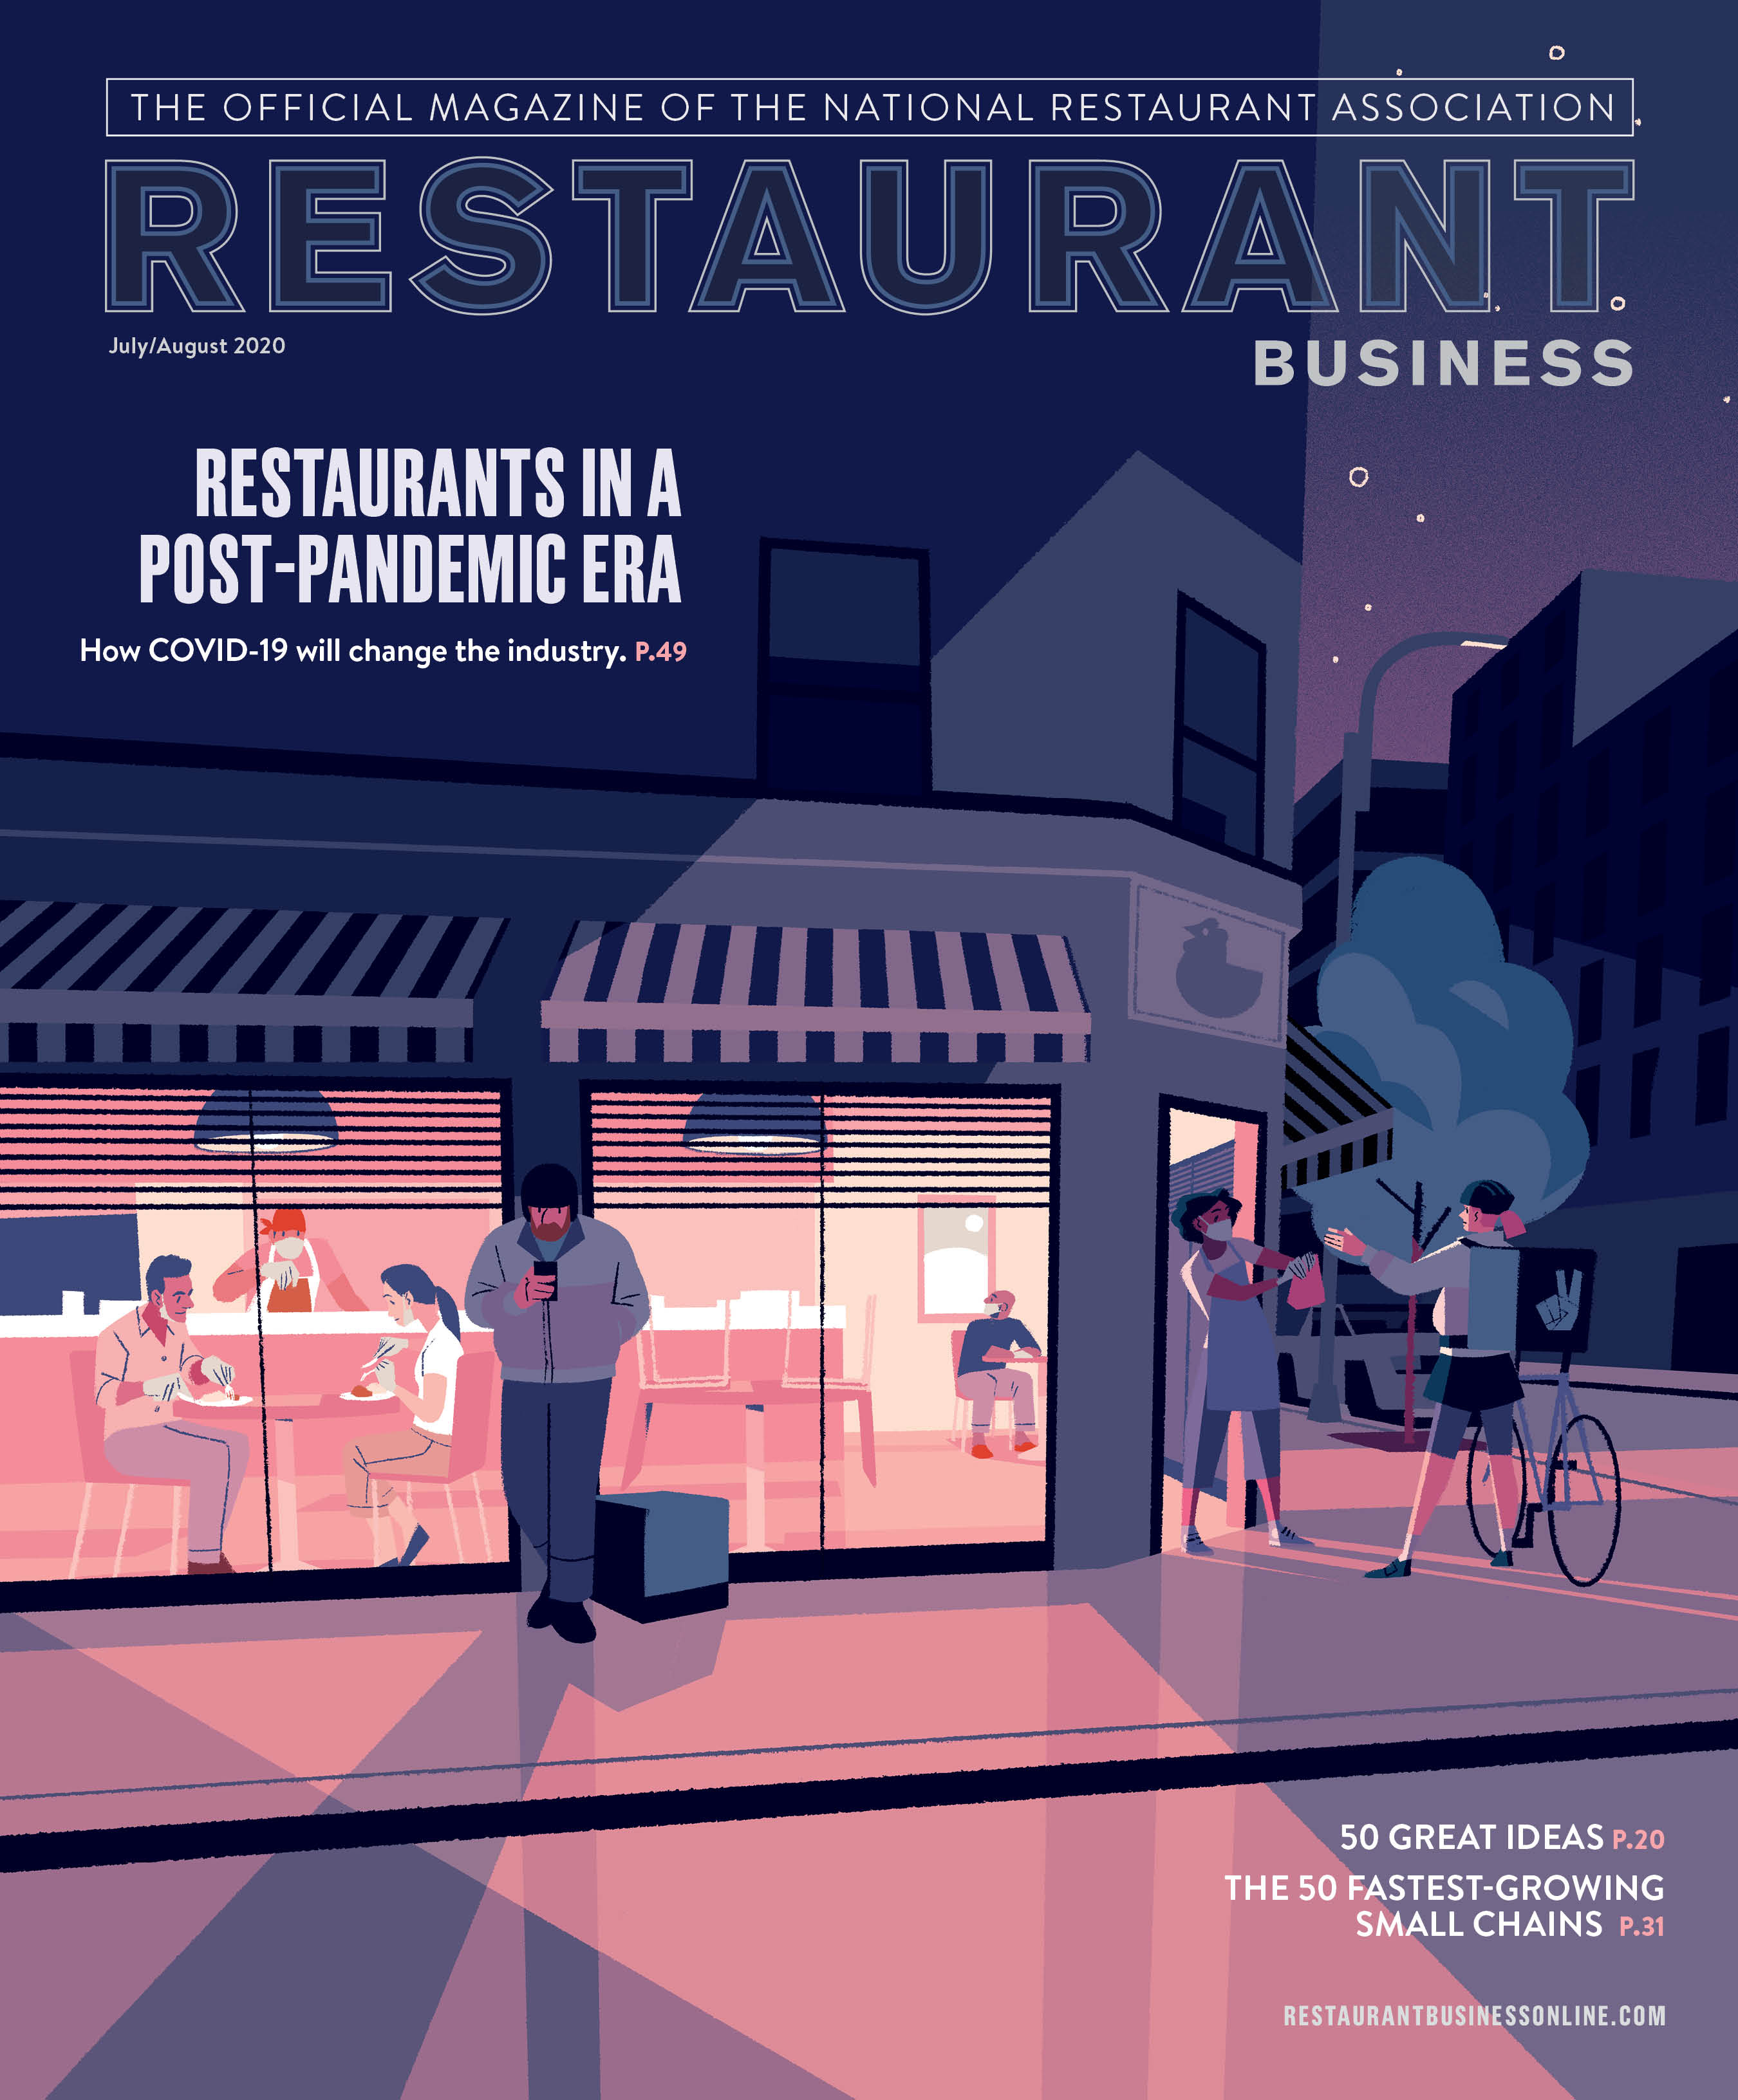 Restaurant Business Magazine July/August Issue